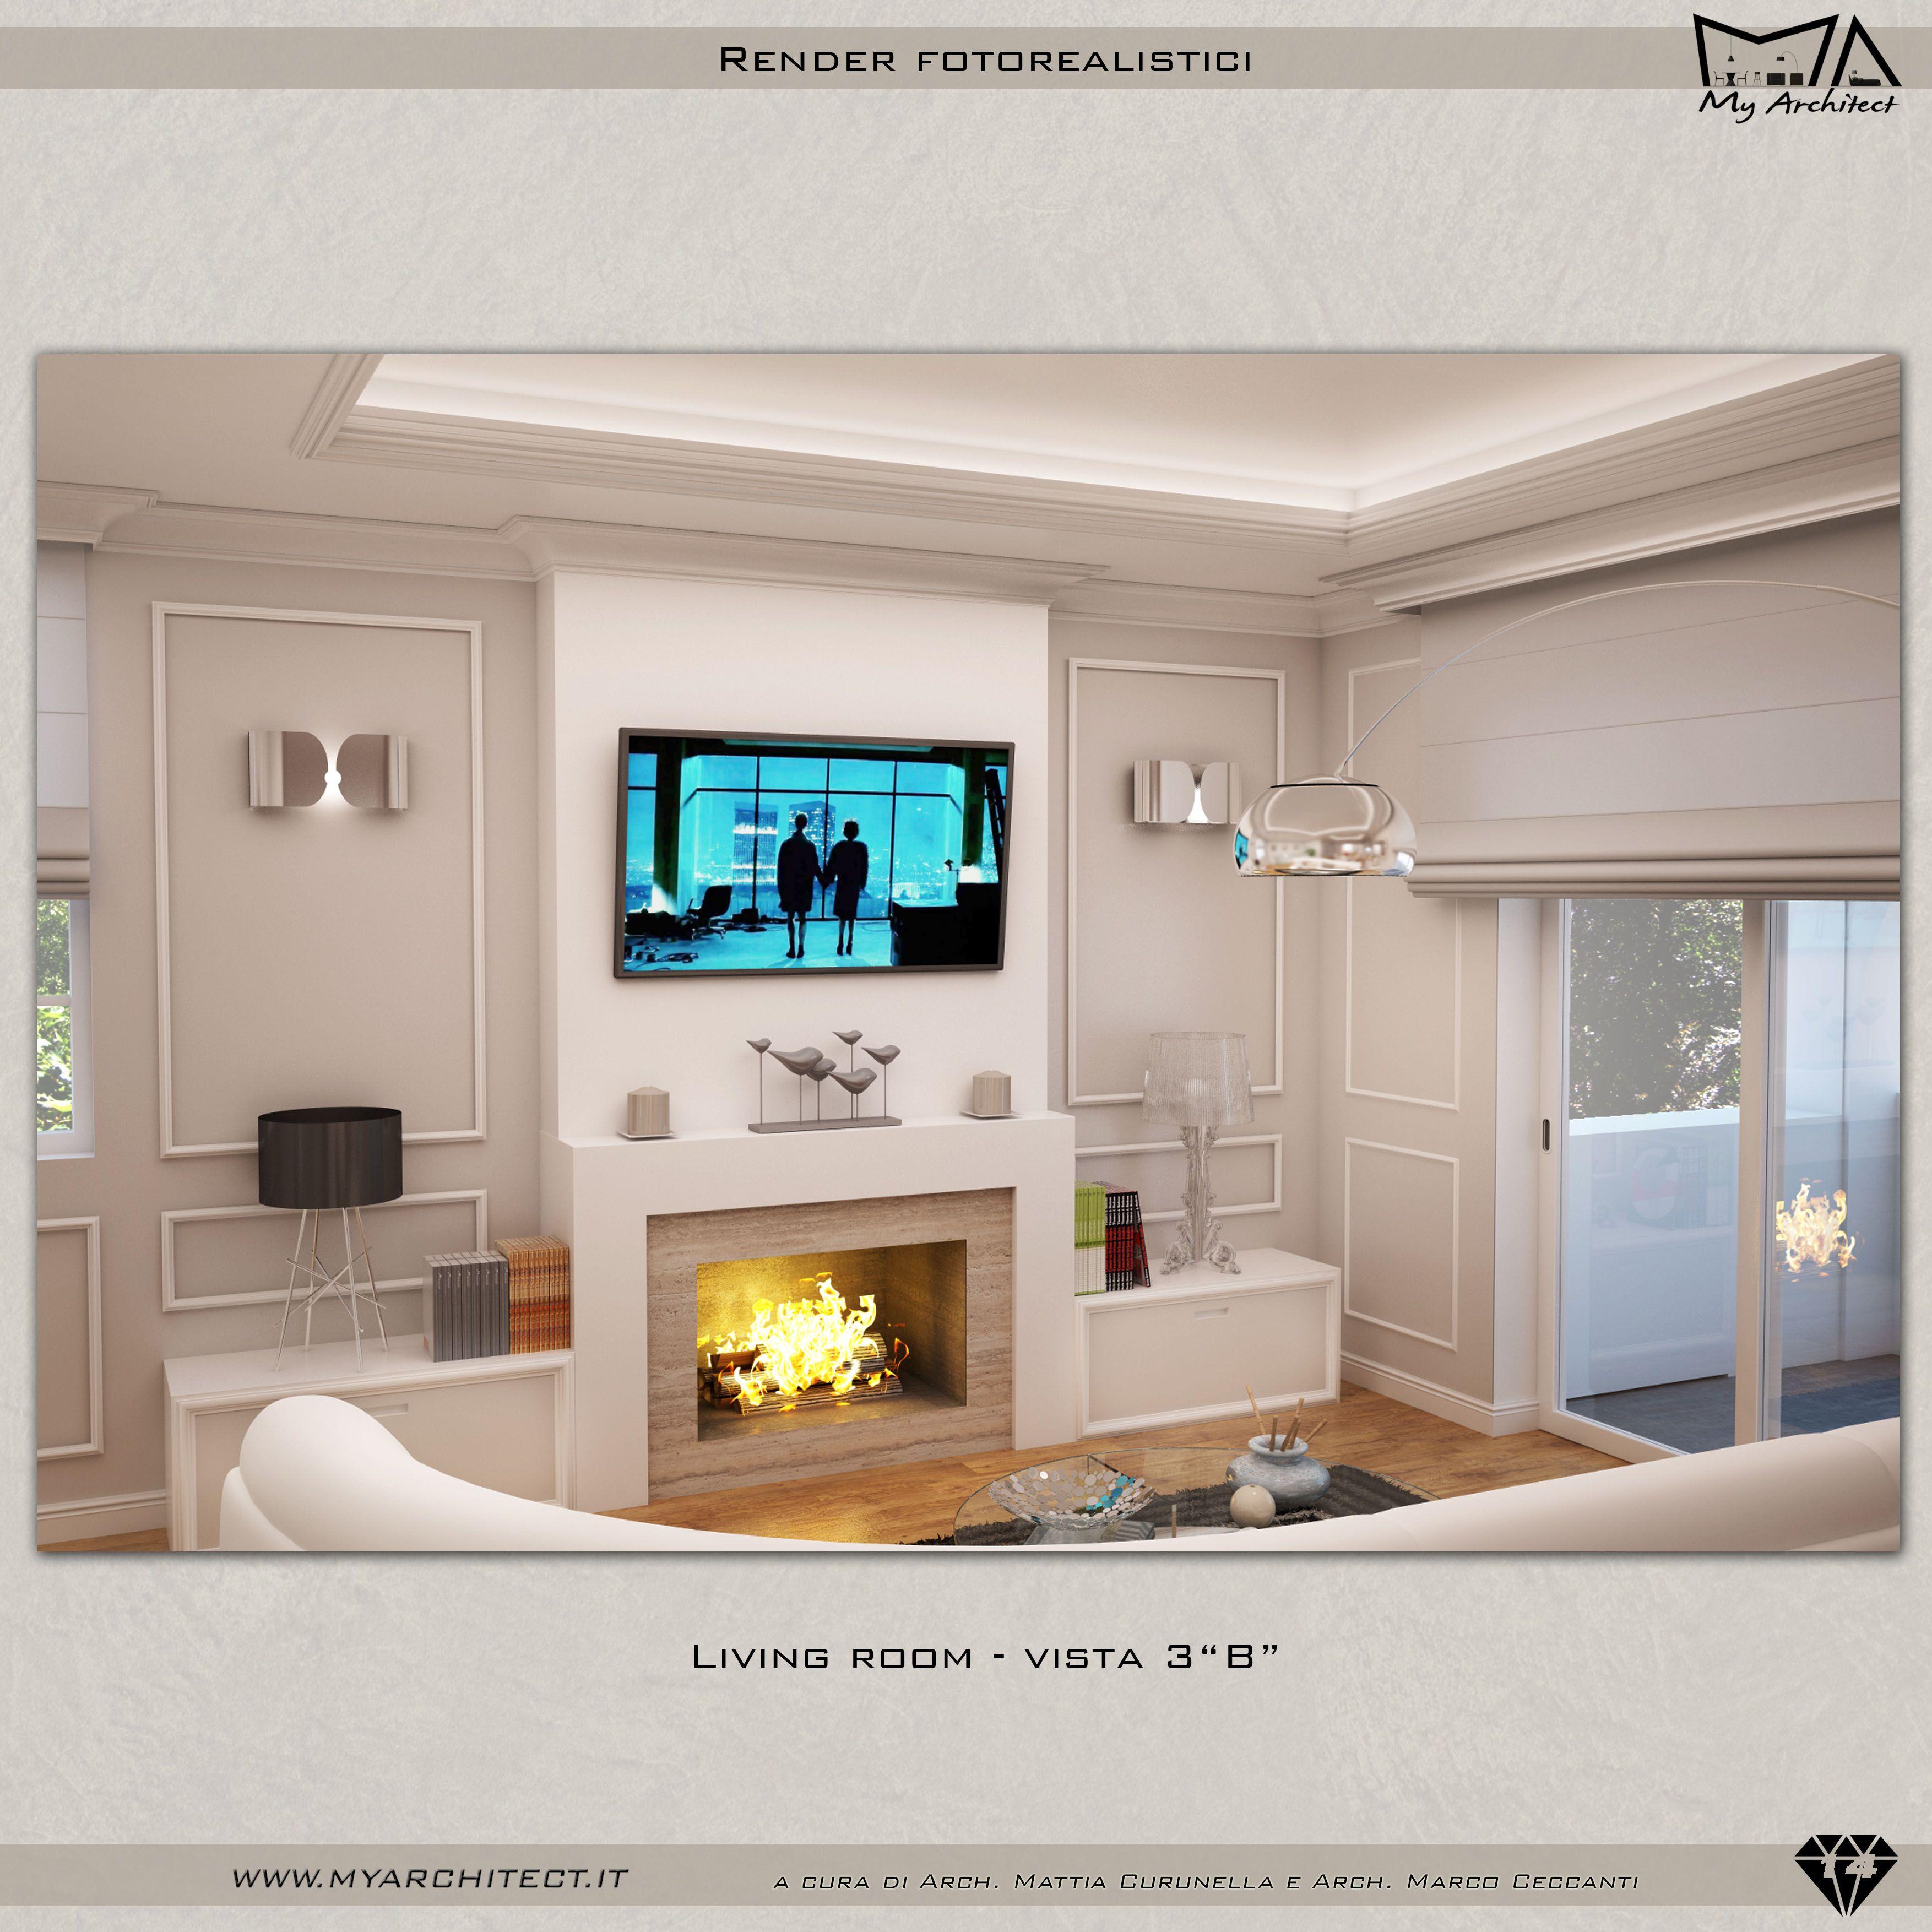 Interior Design Online Progettare Casa Architetti Low Cost Render Fotorealistici Idee Suggerimenti